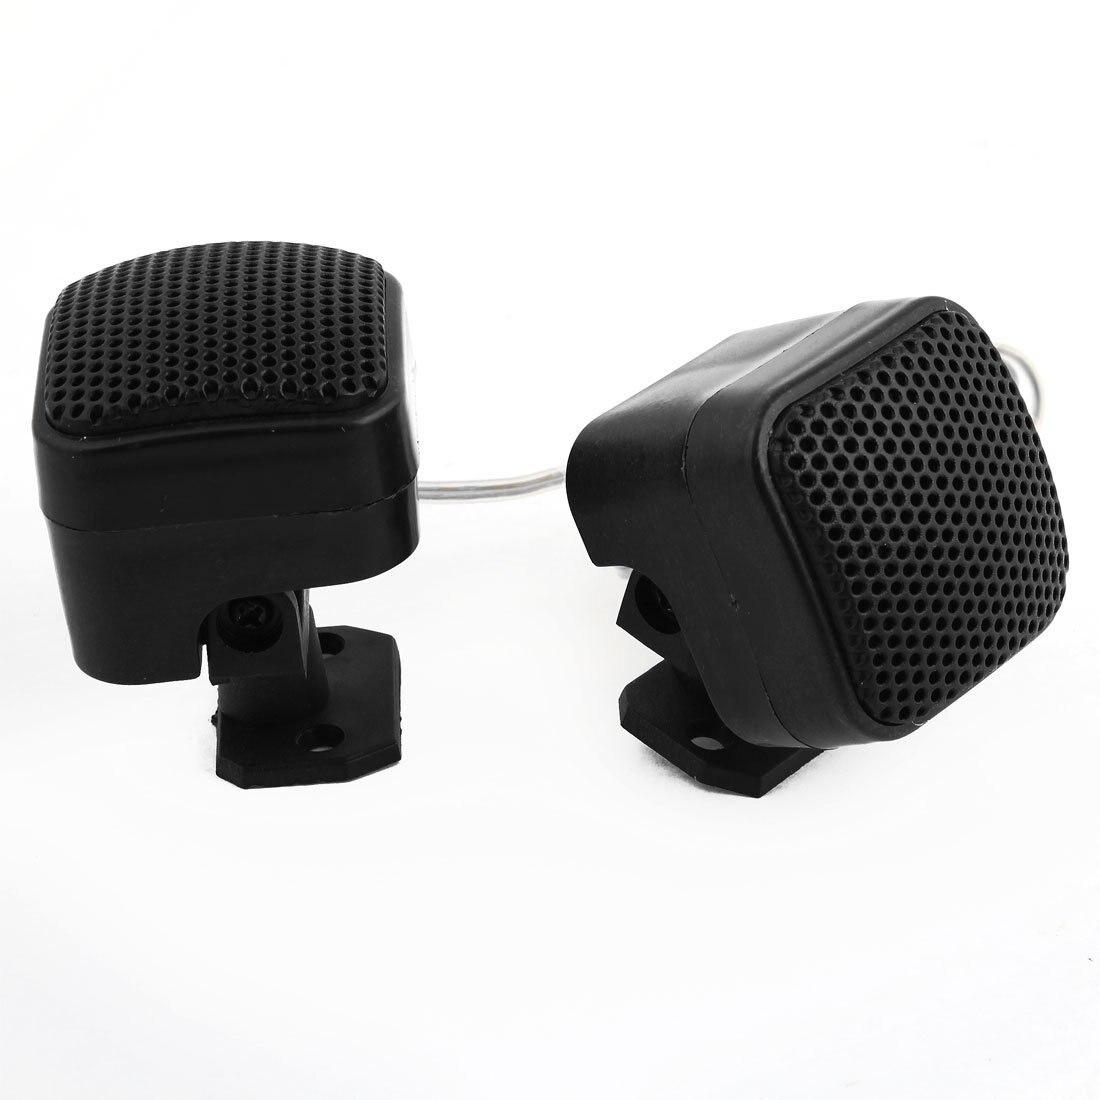 Promotion! 2 Pcs Auto Car Audio System Loud Speaker